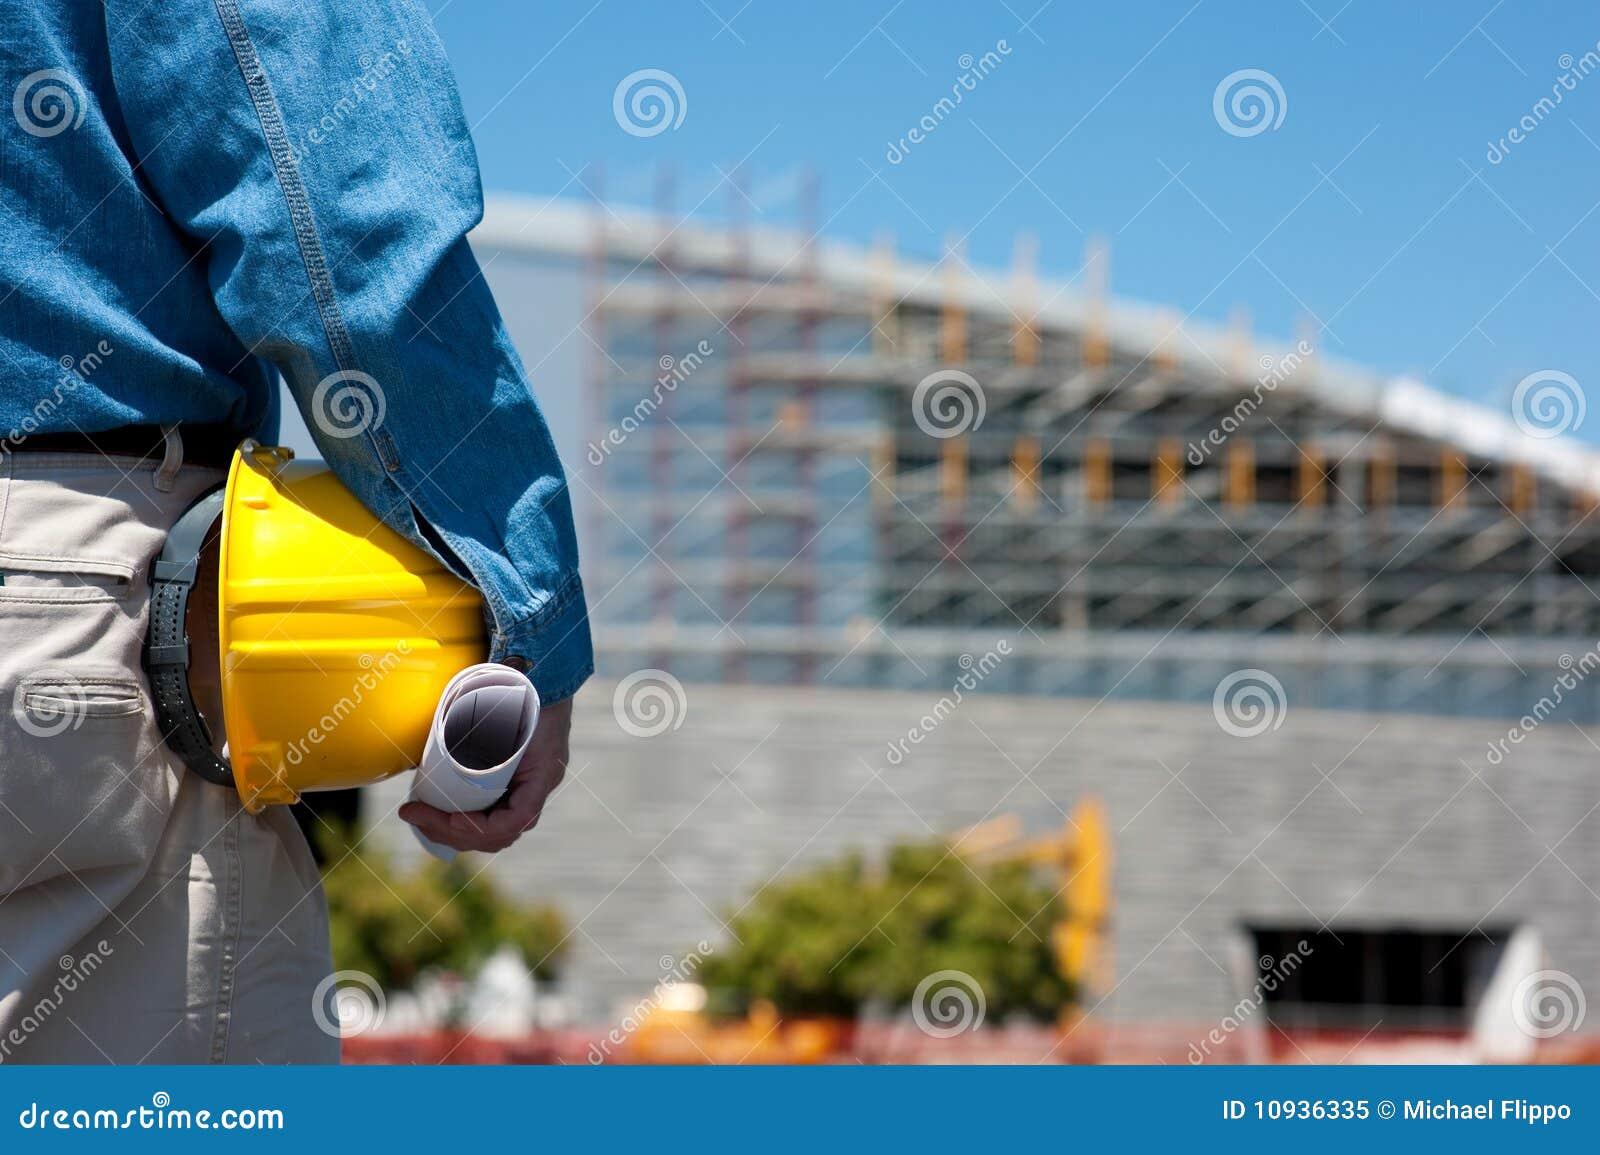 Trabajador de construcción en el emplazamiento de la obra